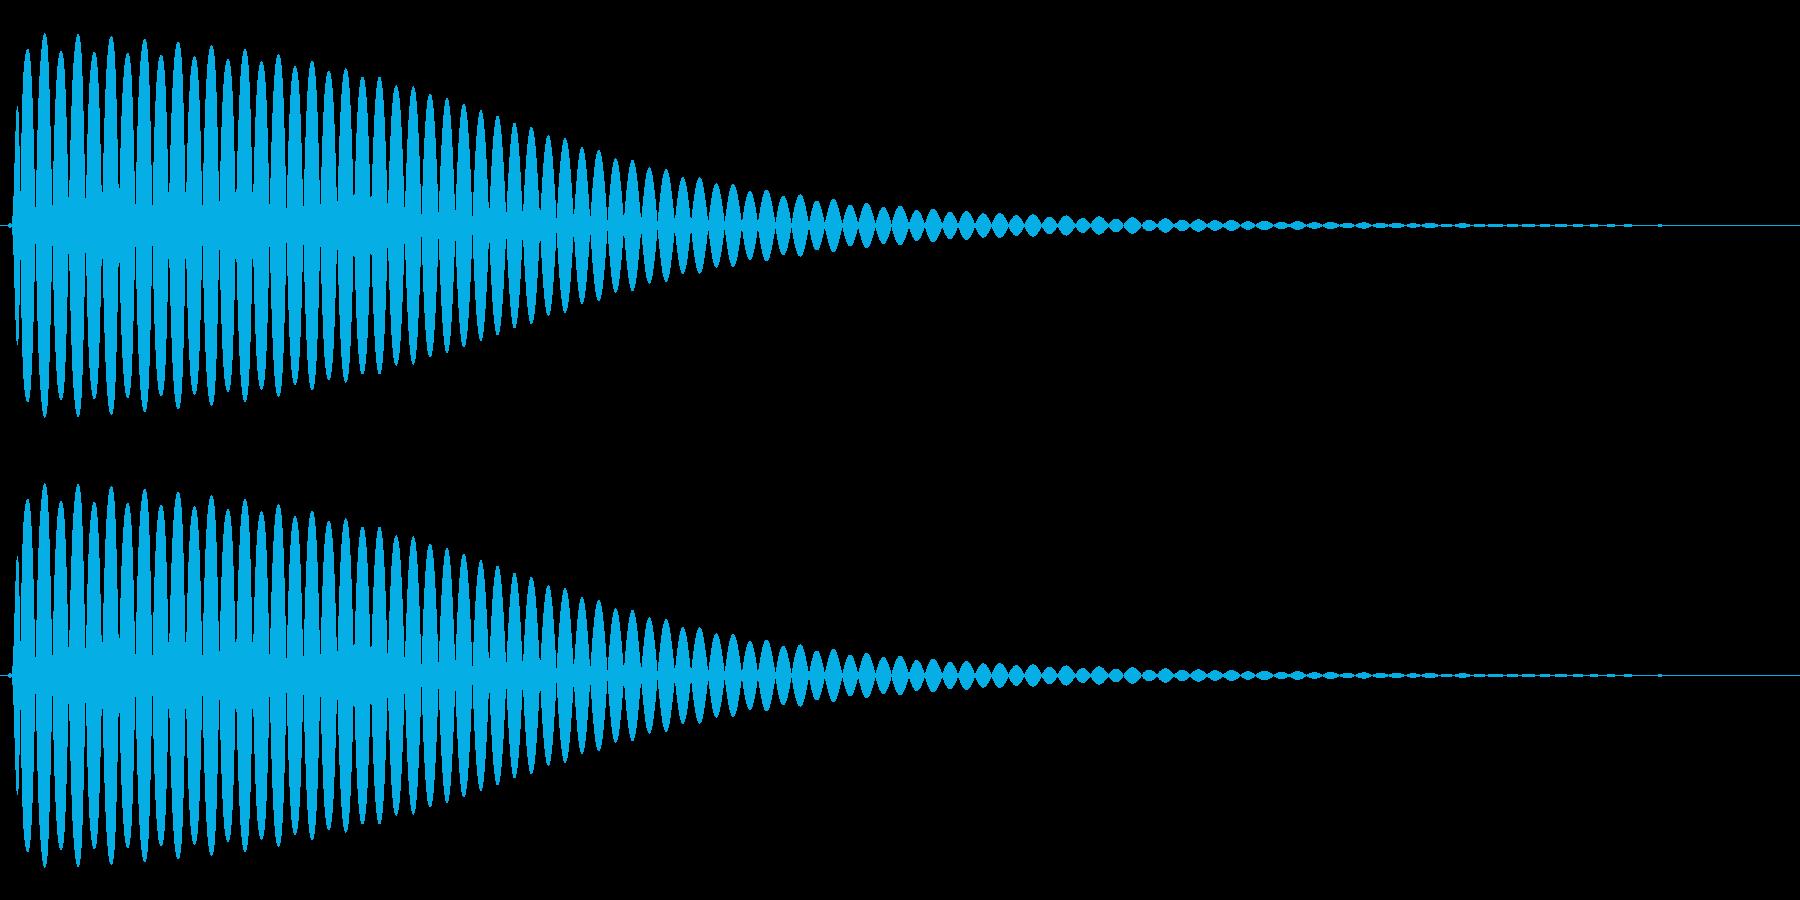 Com ファミコンなどのコマンド音 2の再生済みの波形